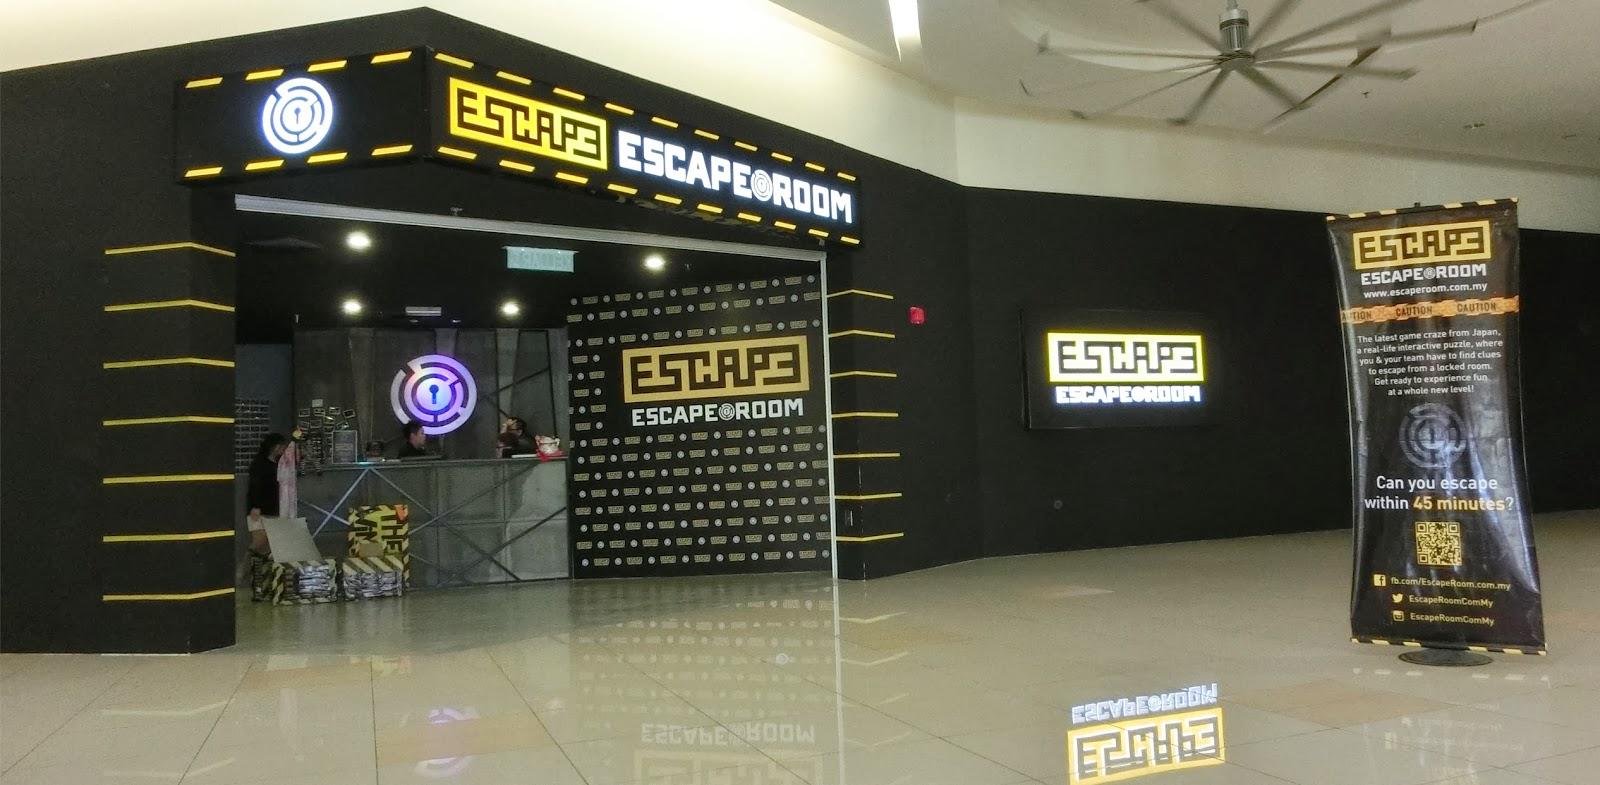 Escape Rooms Near Me